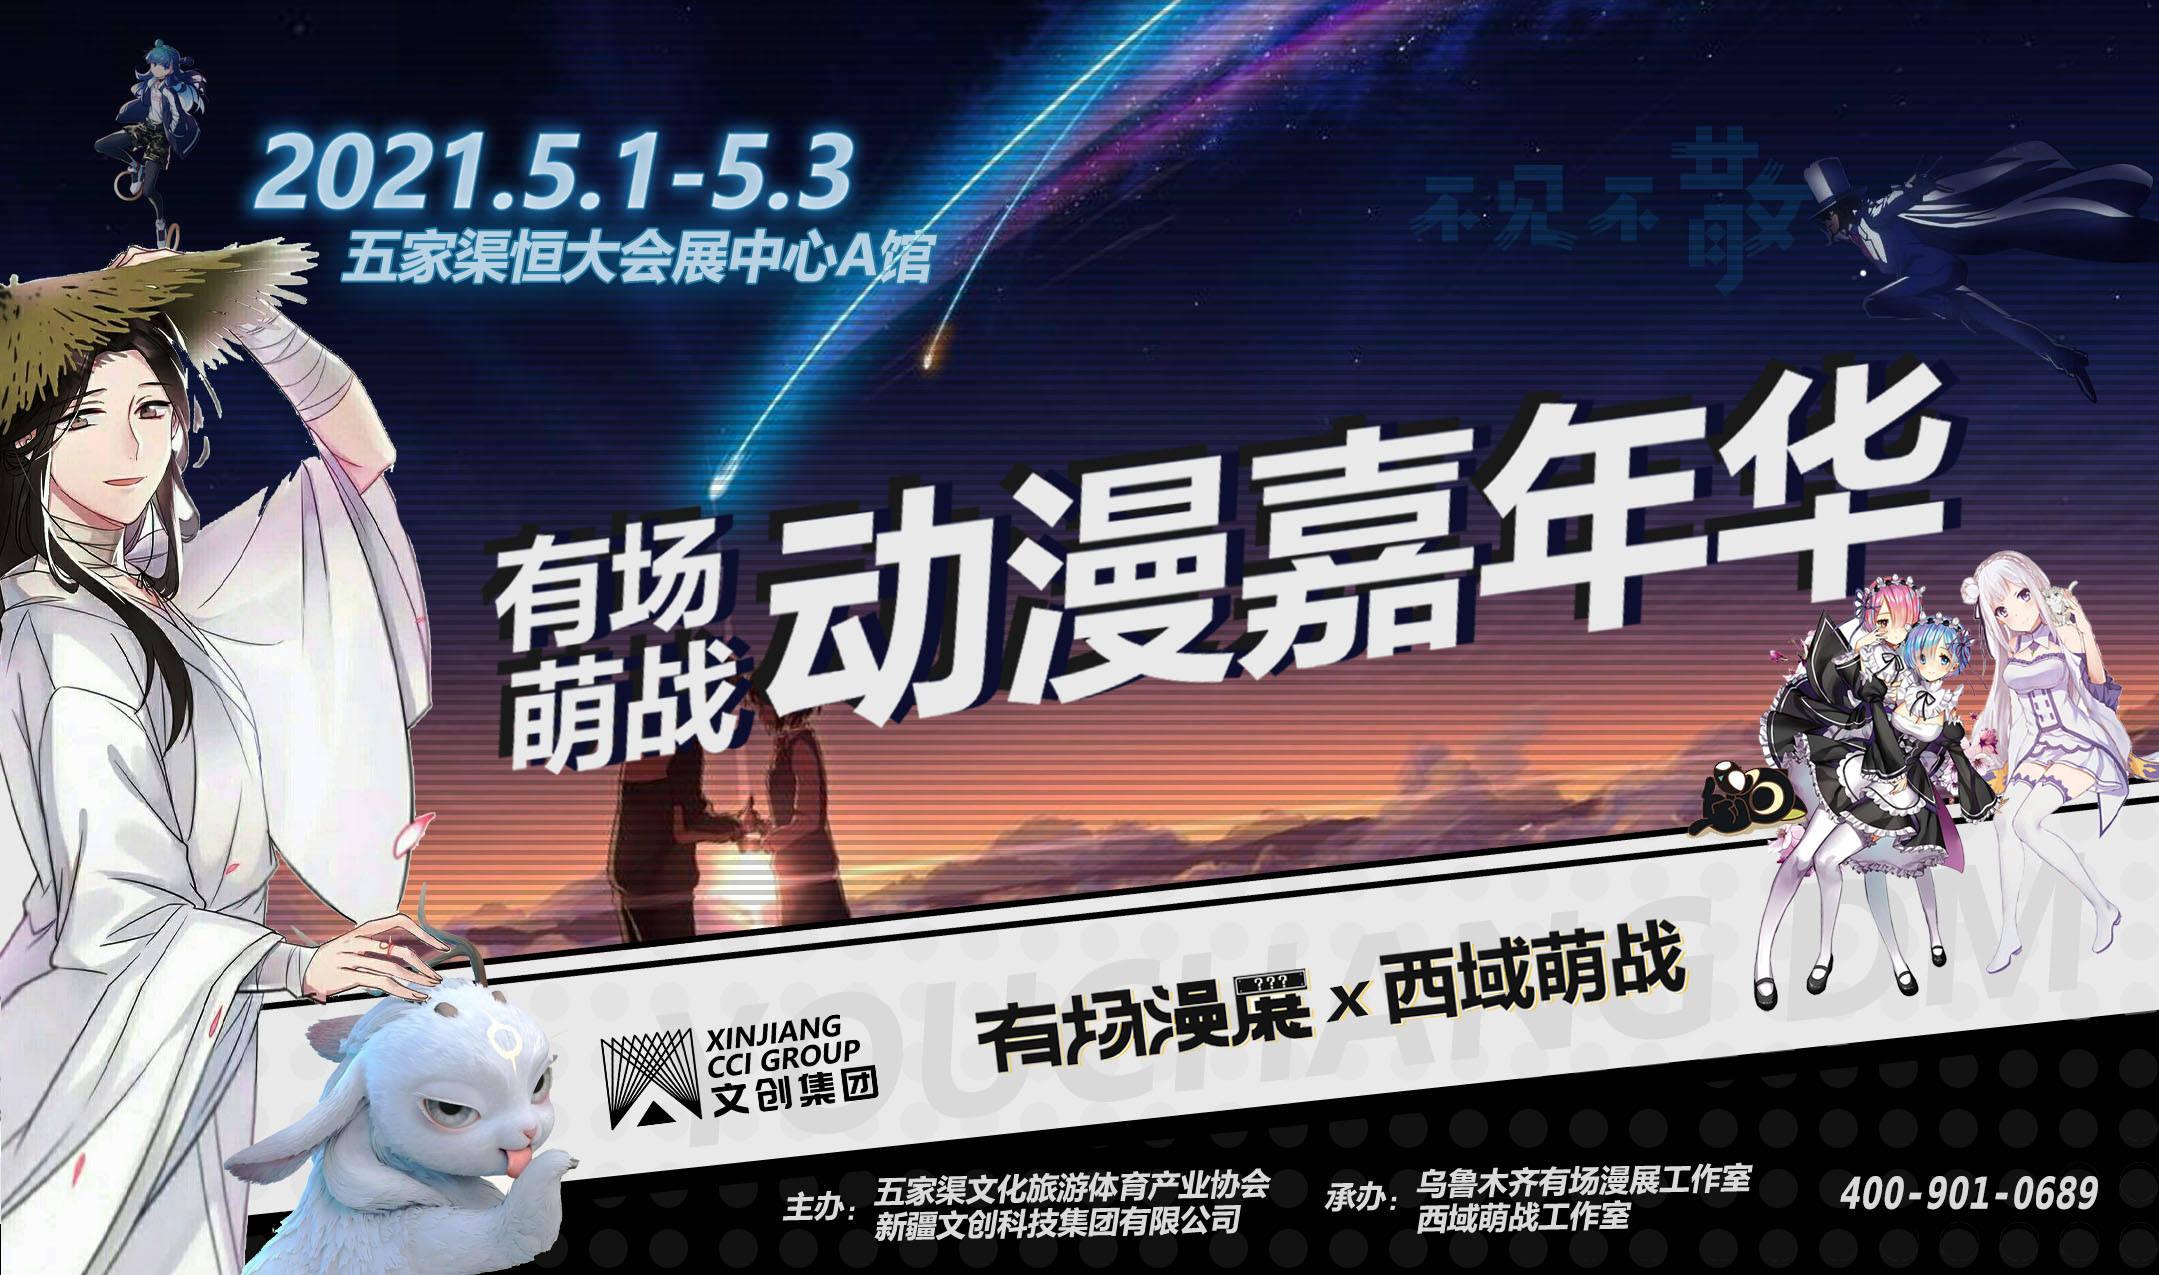 2021首届新疆春季动漫文化展览会下月开始插图